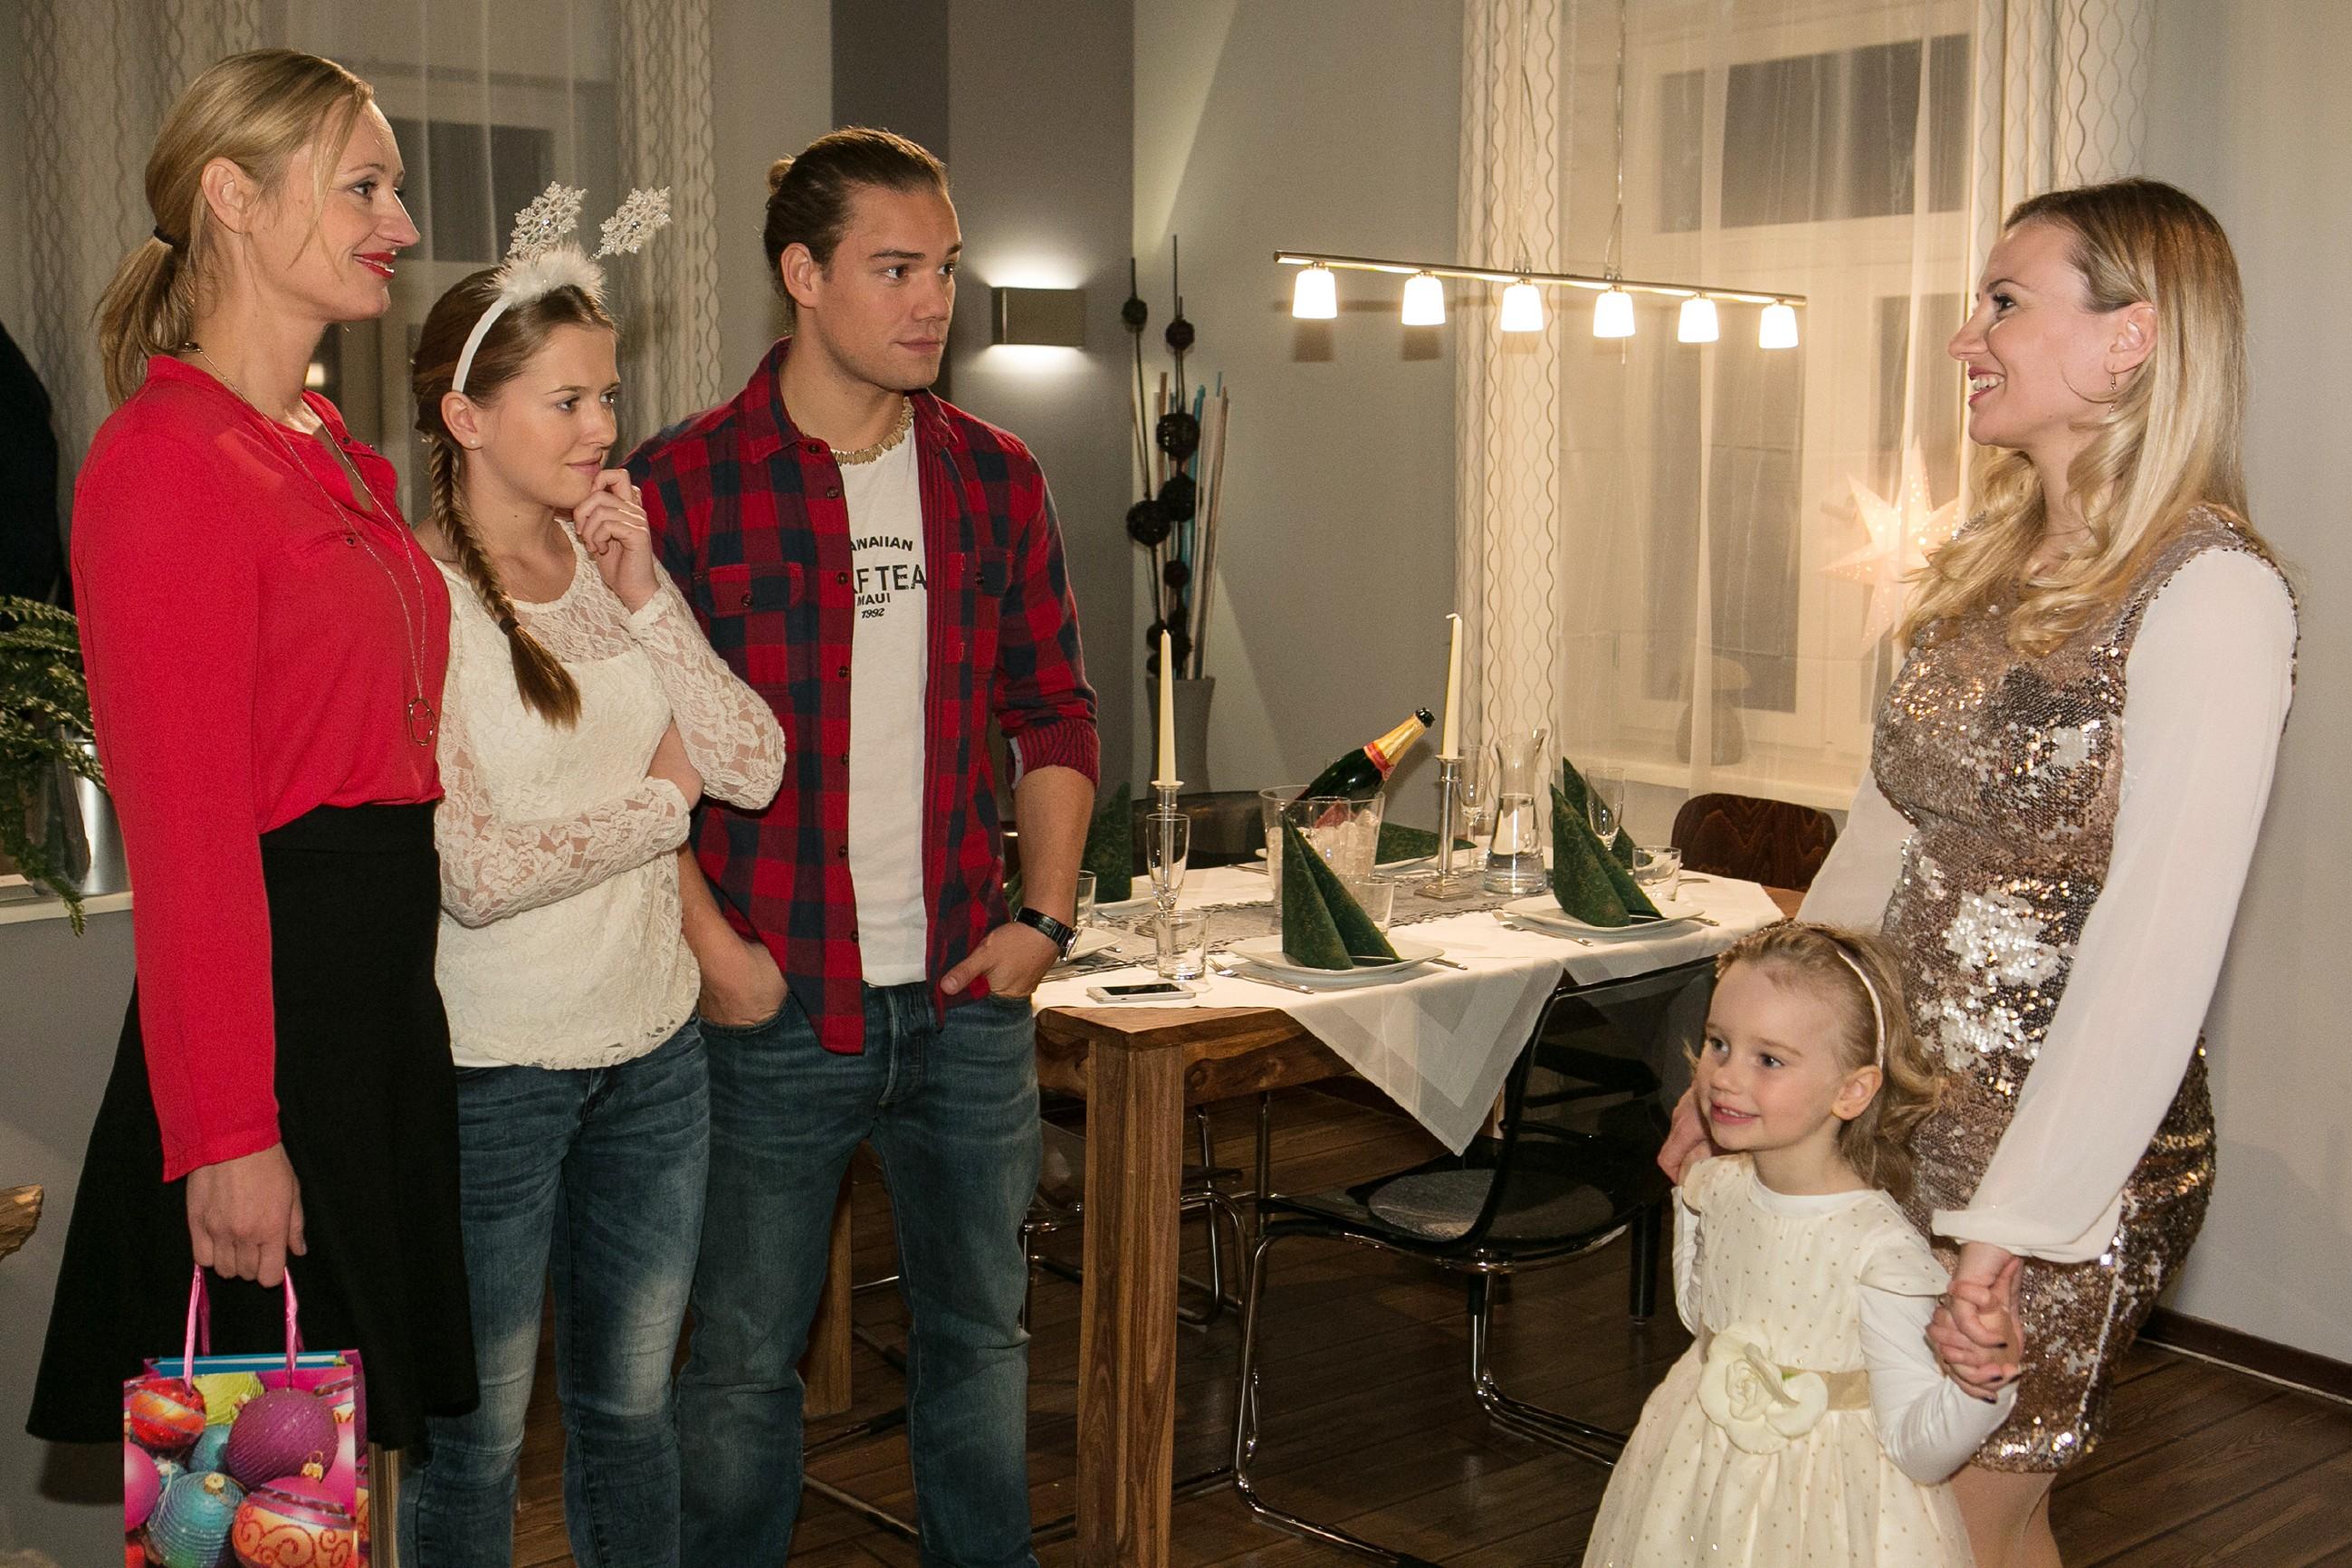 Isabelle (Ania Niedieck, r.) spielt Thomas zuliebe die gute Gastgeberin für dessen Familie und begrüßt gemeinsam mit Sophia (Maya Alexa Moormann, 2.v.r.) Sonja (Barbara Sotelsek, l.), Flo (Julia Albrecht) und Leo (Julian Bayer) zum Weihnachtsessen. (Quelle: RTL / Kai Schulz)